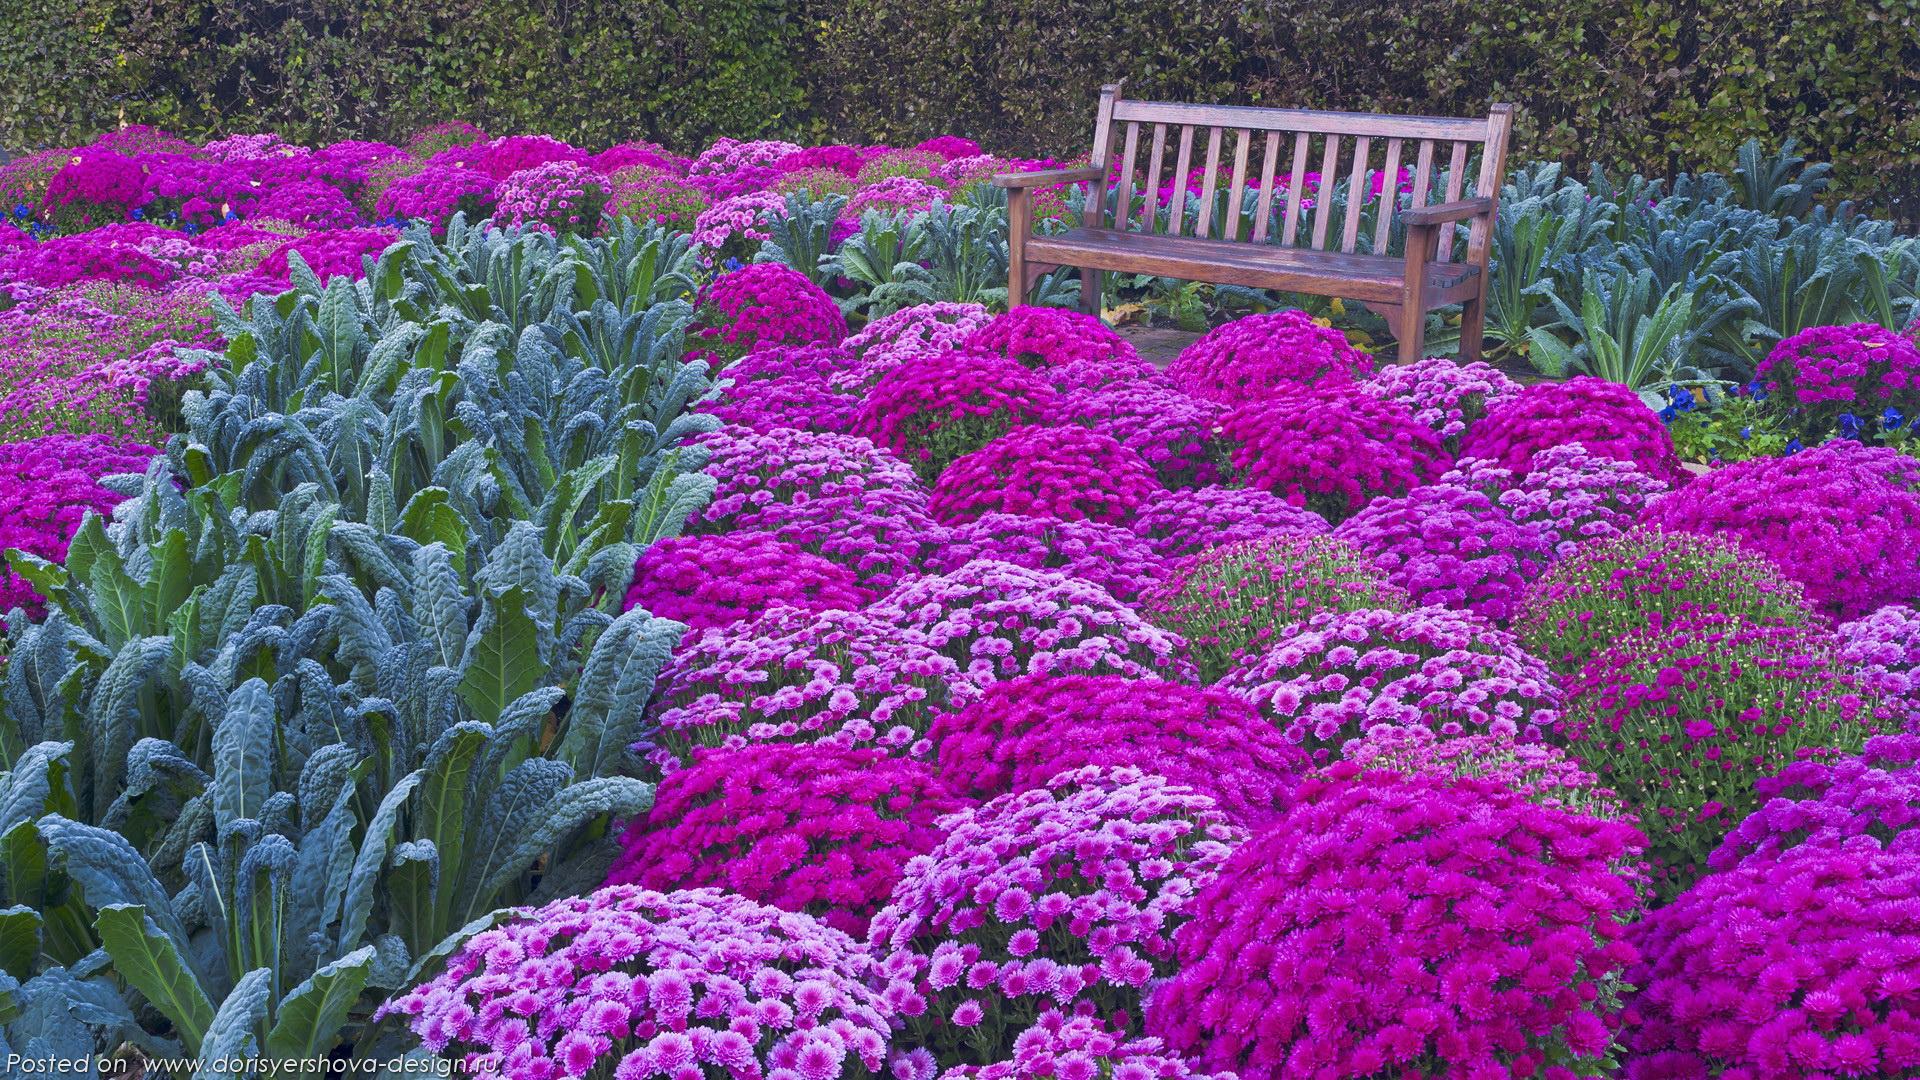 хризантемы, сад, скамейка, розовый, лиловый